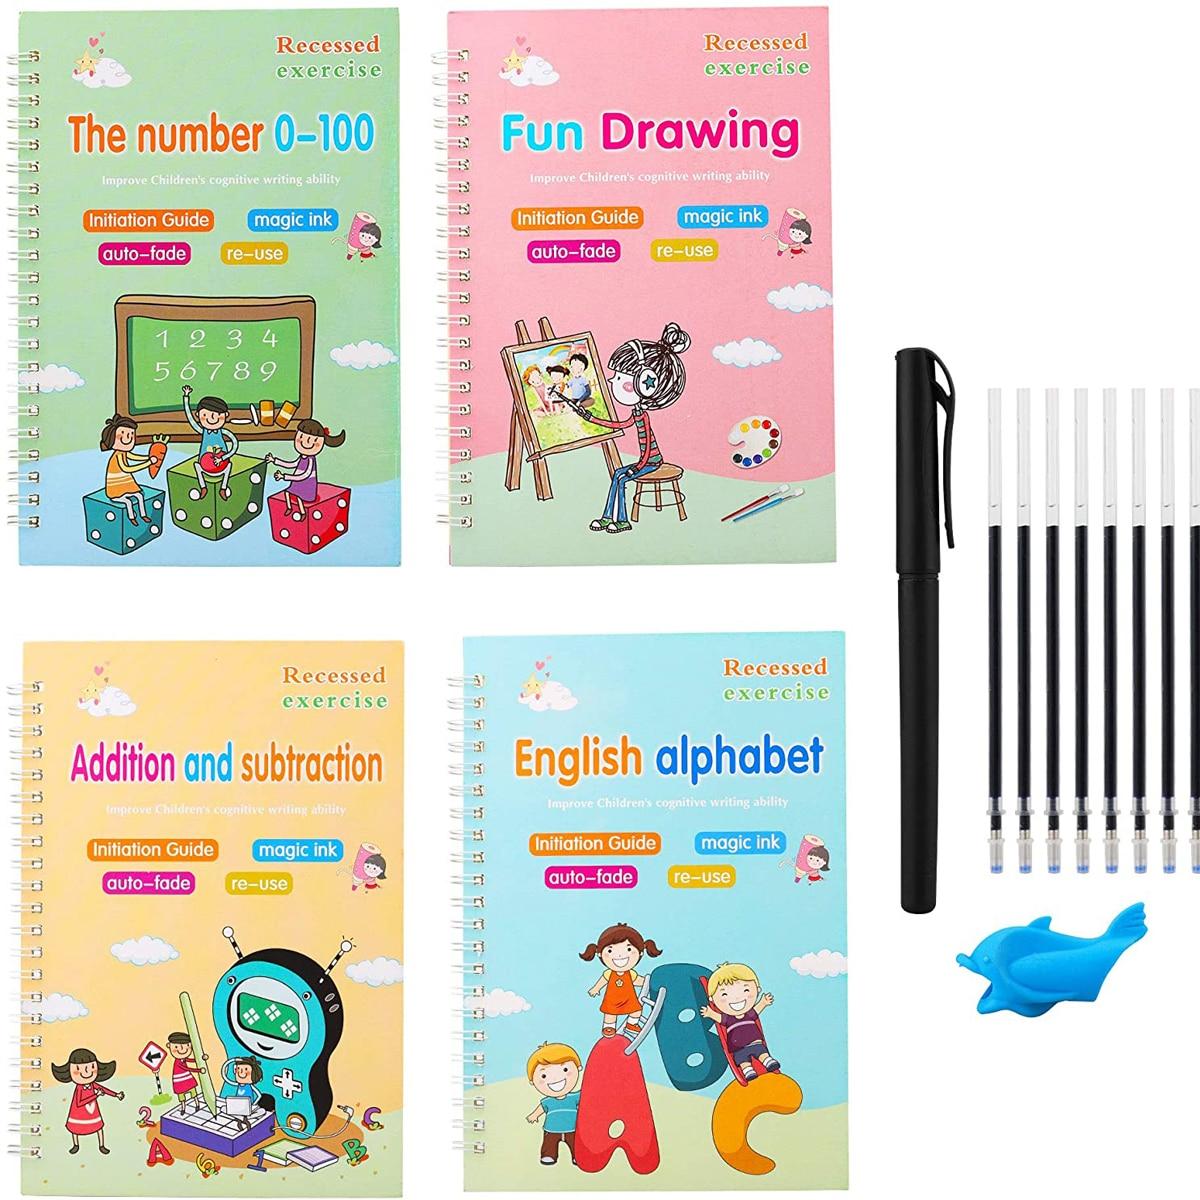 quaderno-di-pratica-magica-per-bambini-cartella-di-lavoro-per-la-scrittura-a-mano-libro-riutilizzabile-magico-che-traccia-il-libro-della-scanalatura-per-l'apprendimento-dei-bambini